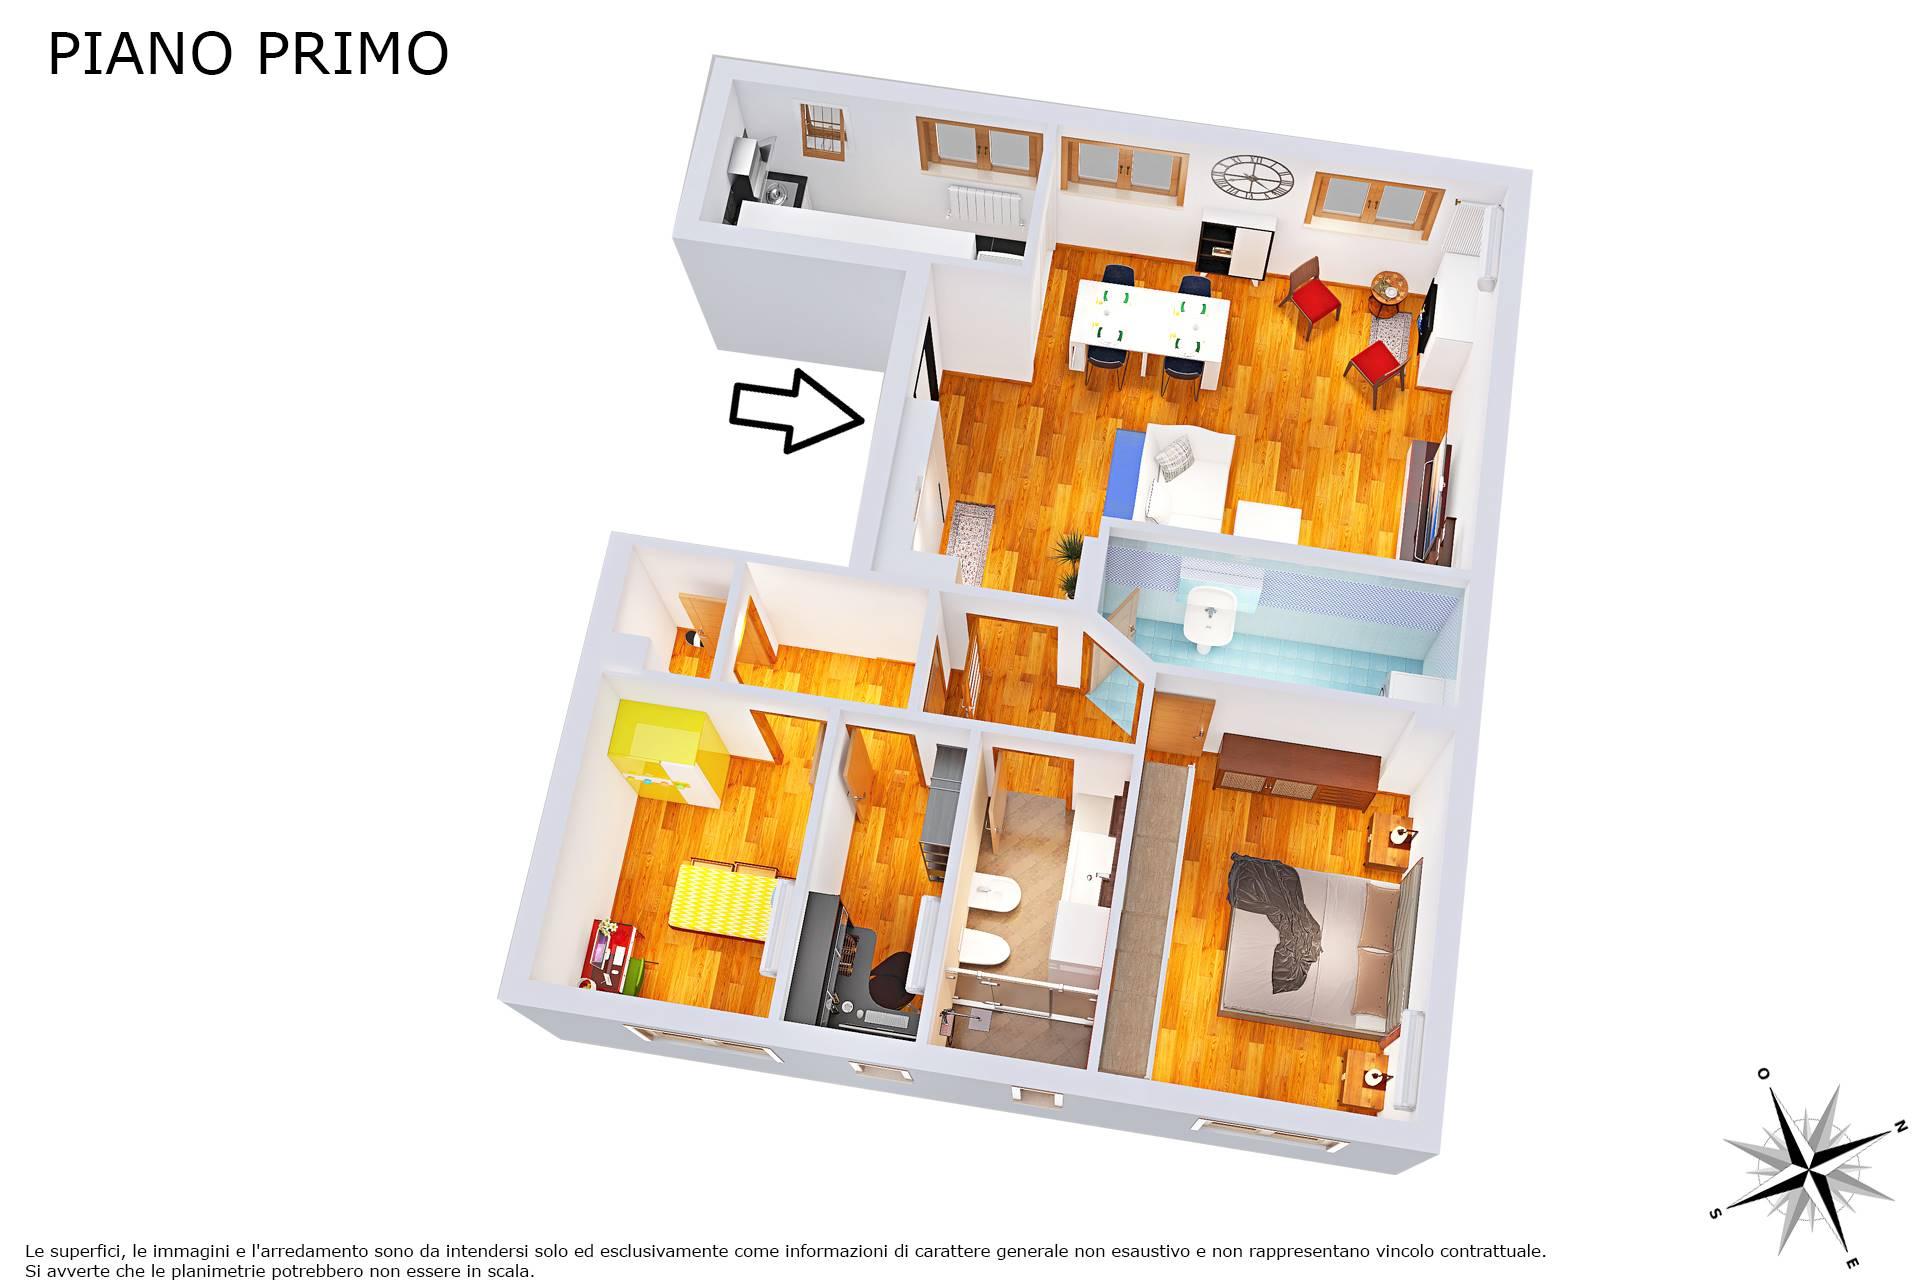 Planimetria 3D con proposta due camere e studio